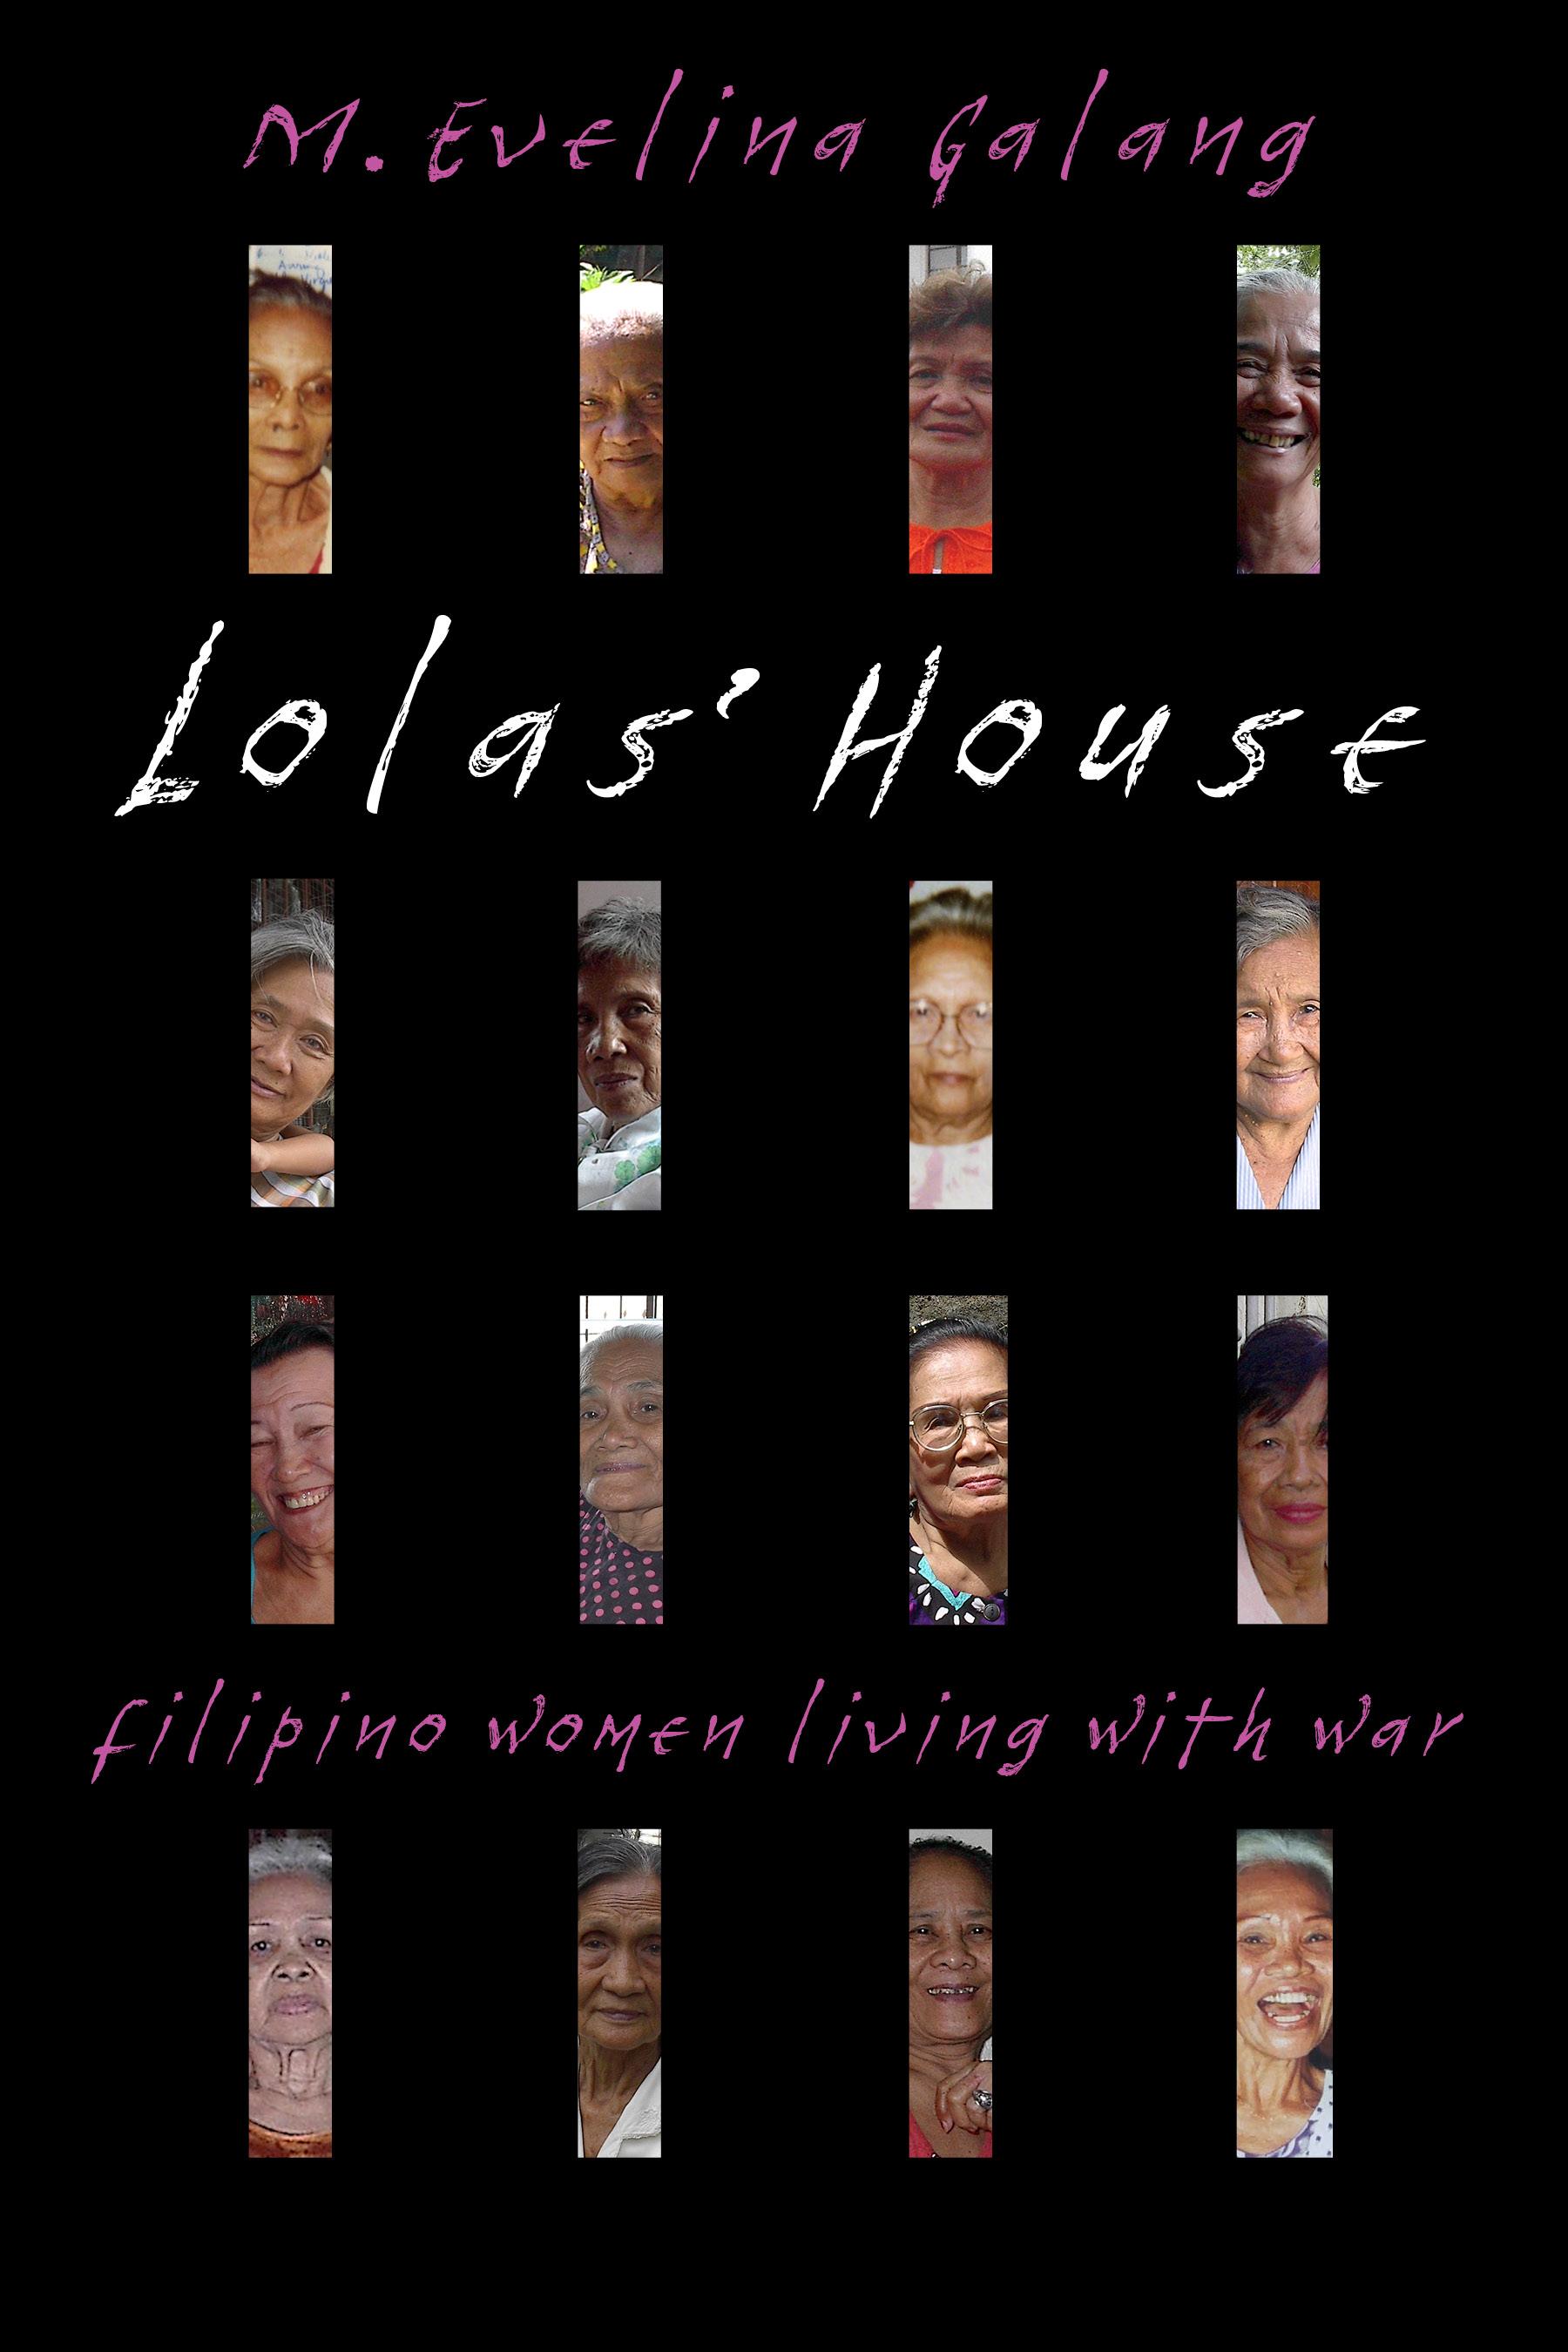 Lolas_House.jpg